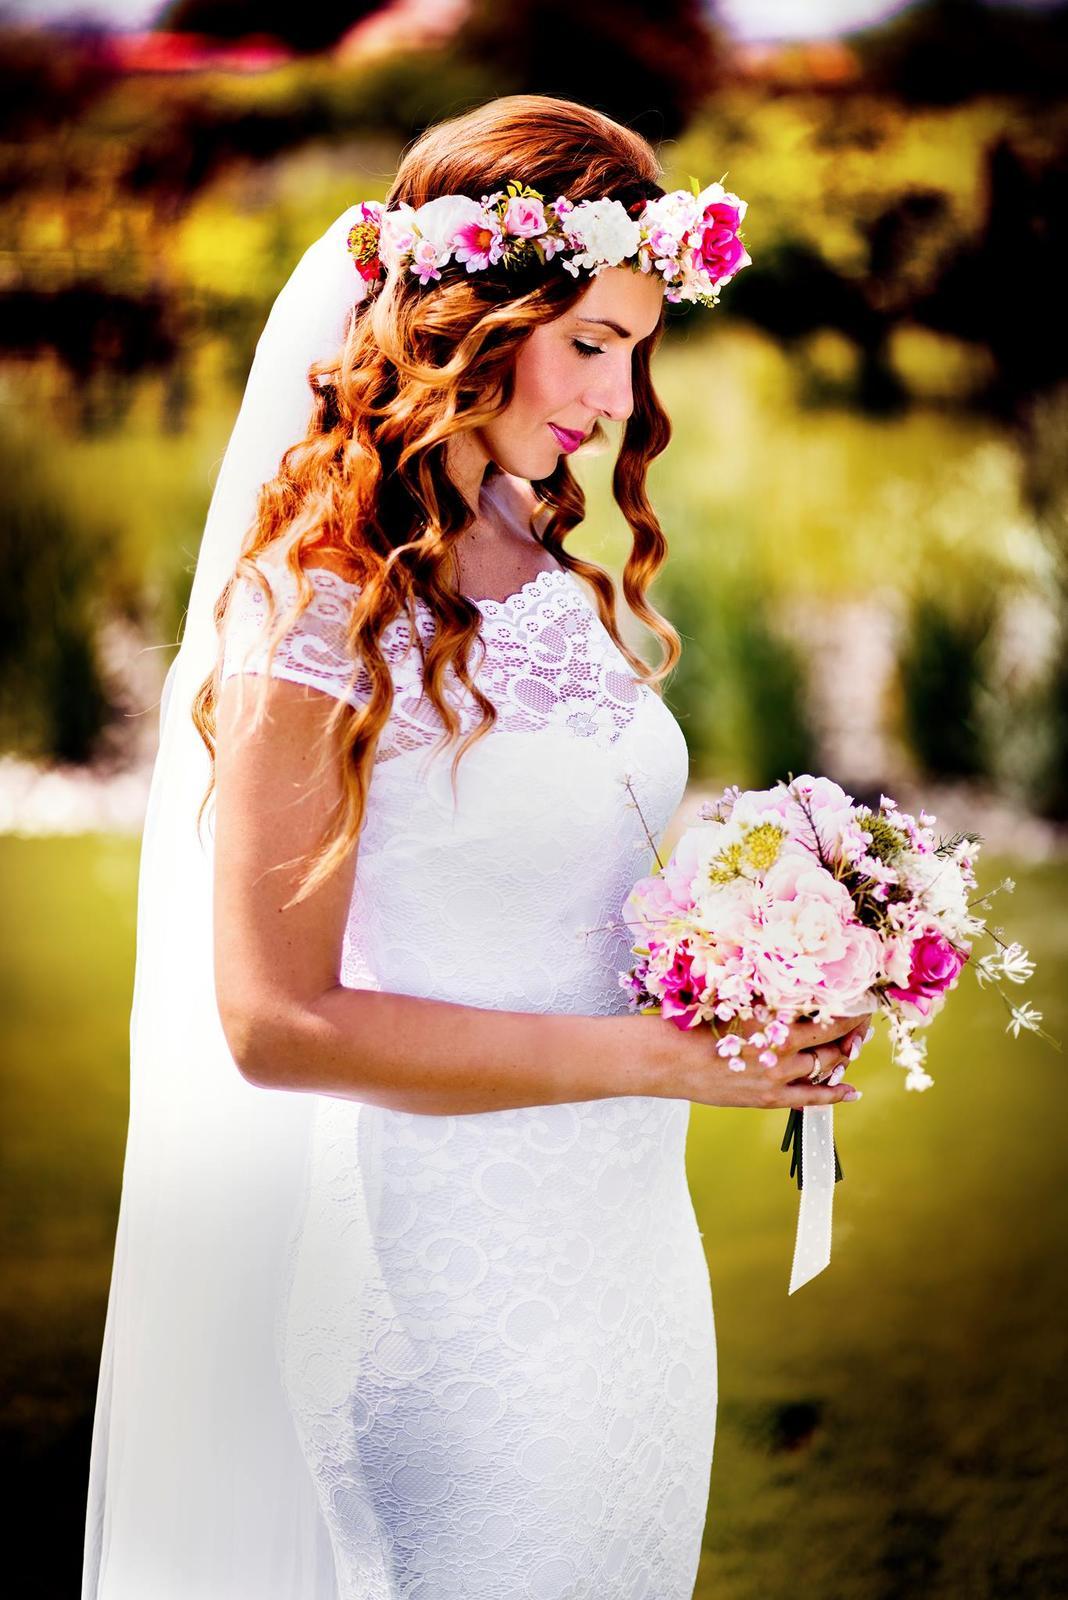 Moje svadobné fotografie - Obrázok č. 9